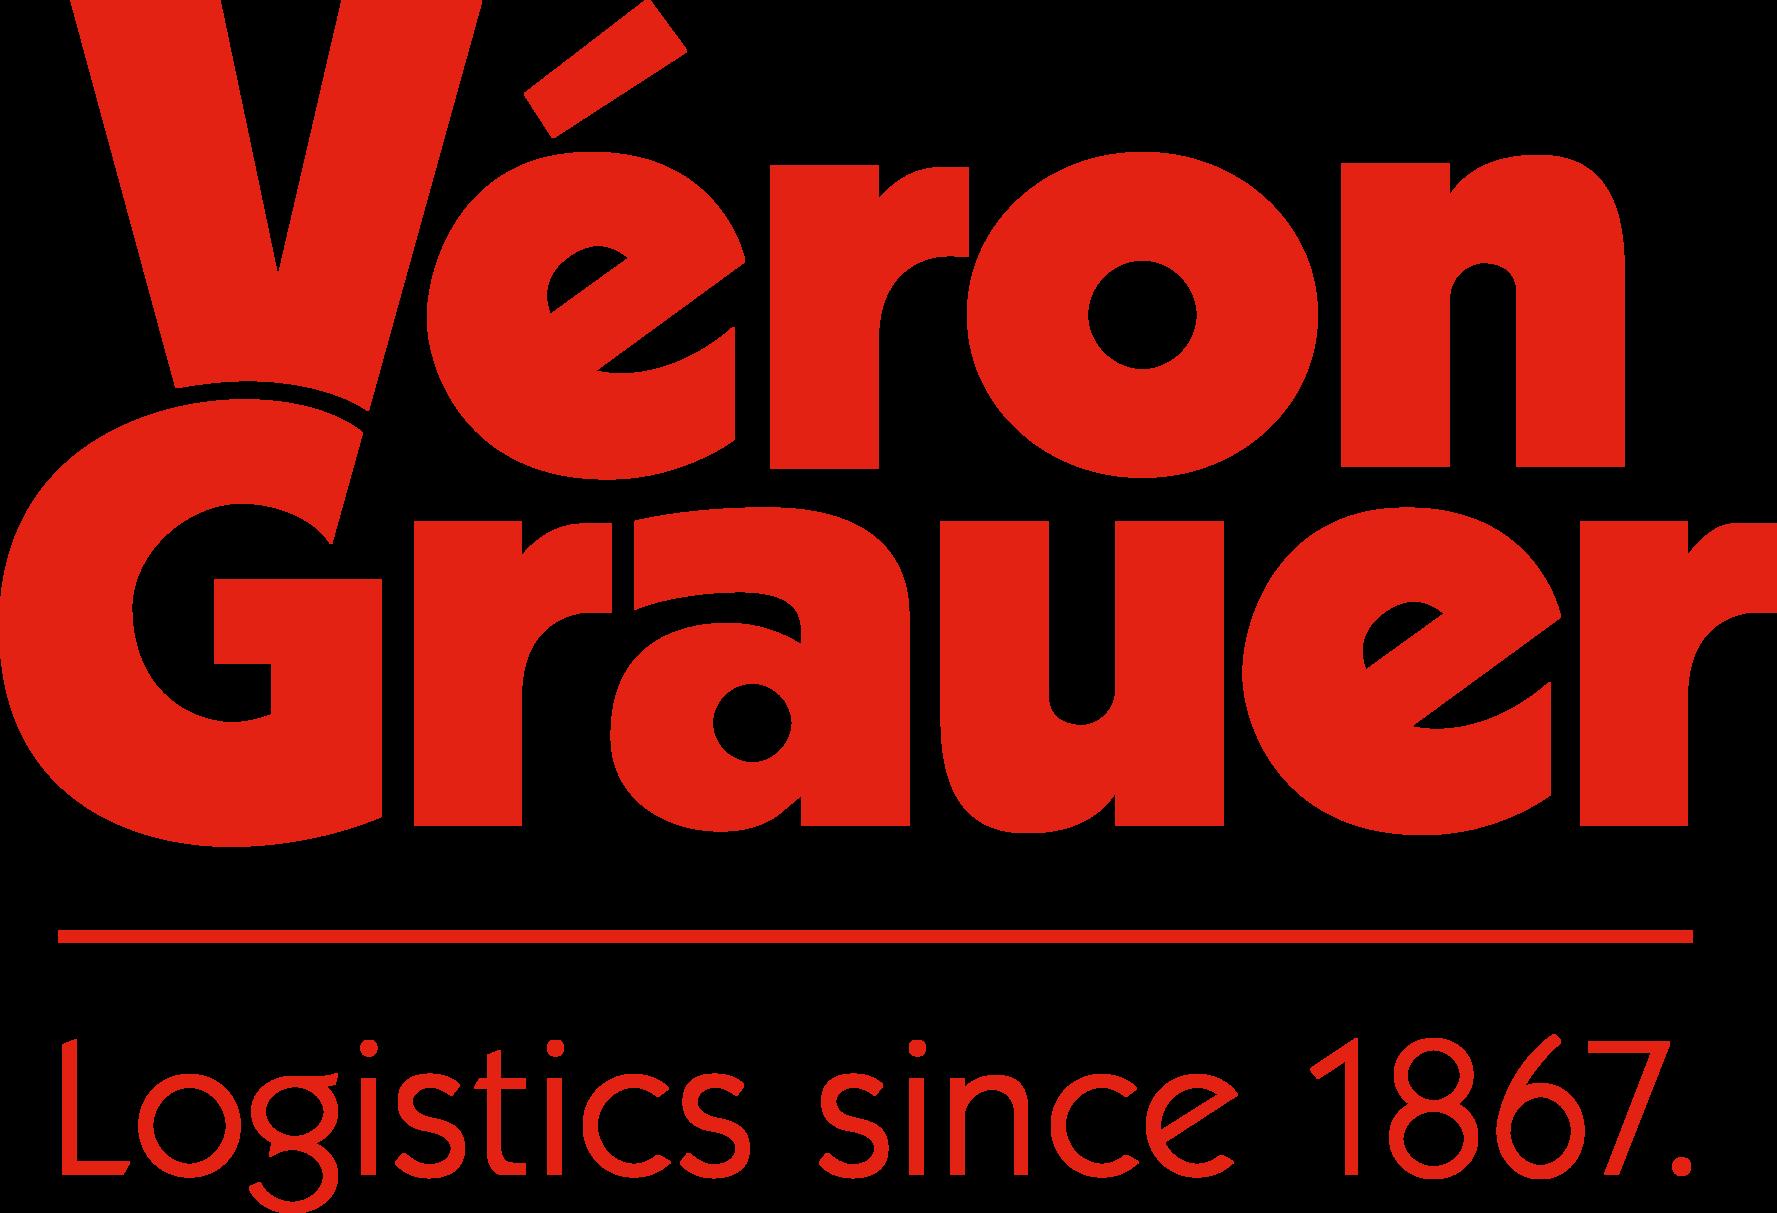 Véron Grauer SA